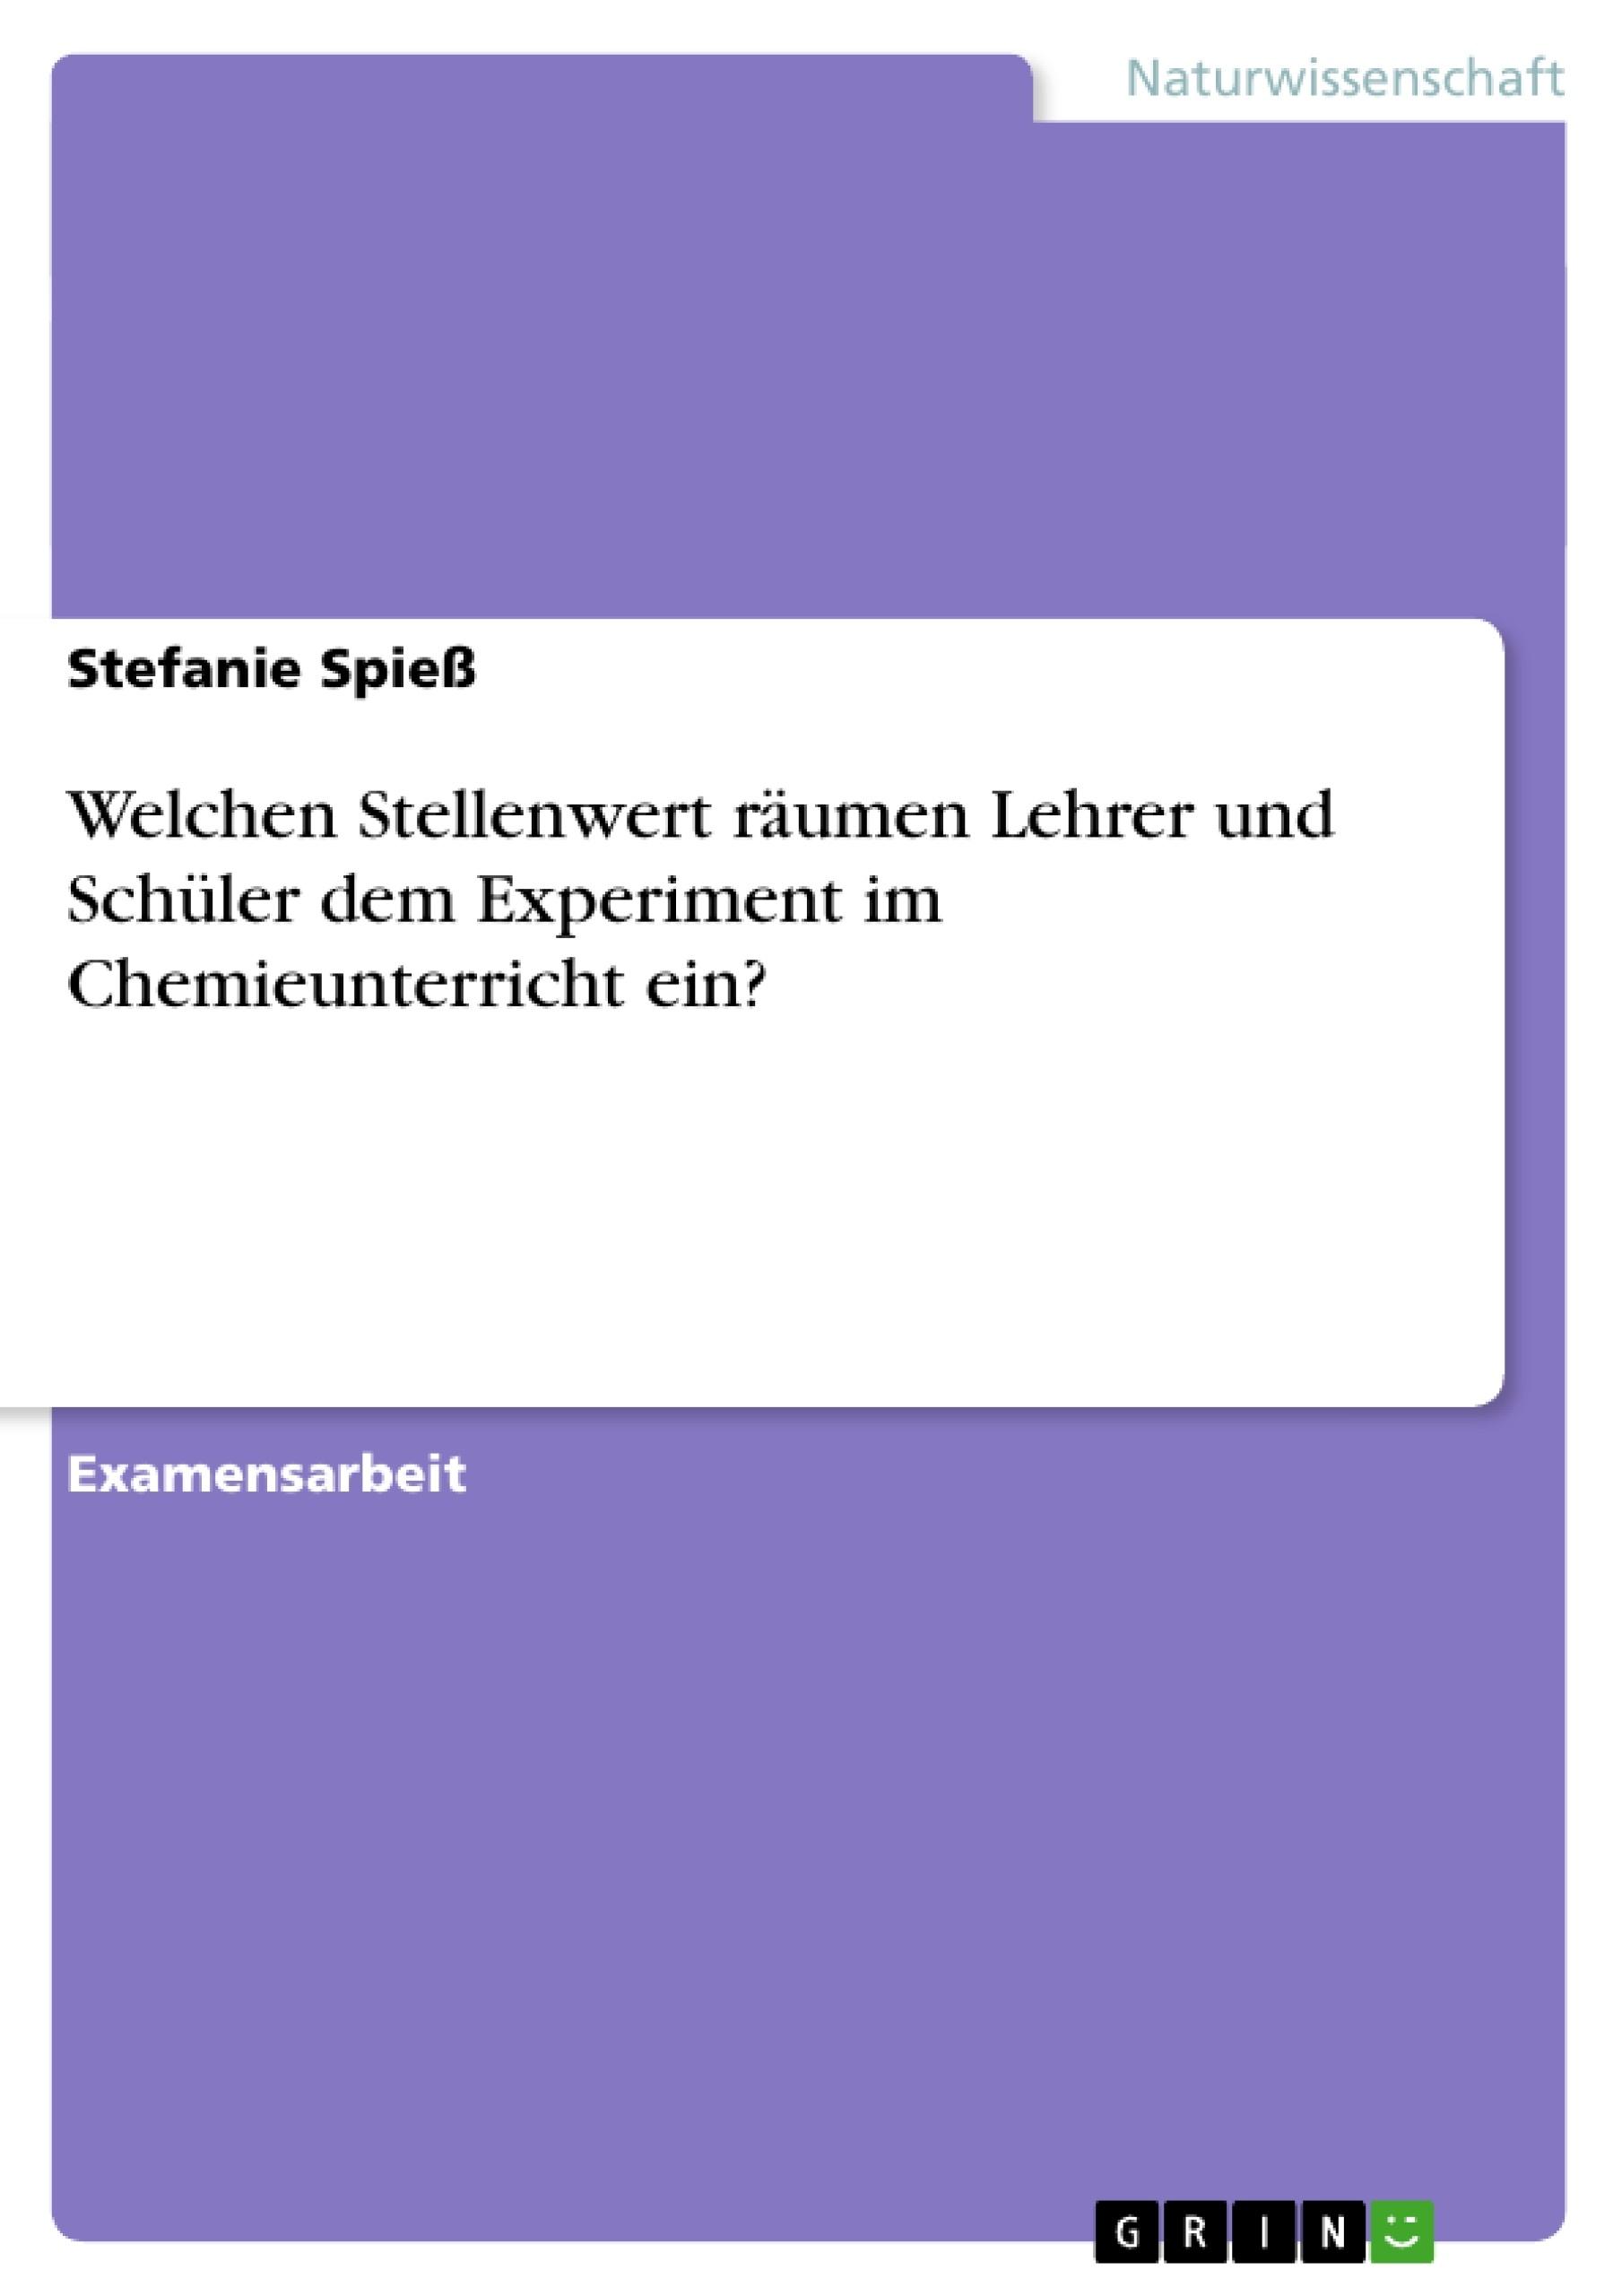 Titel: Welchen Stellenwert räumen Lehrer und Schüler dem Experiment im Chemieunterricht ein?